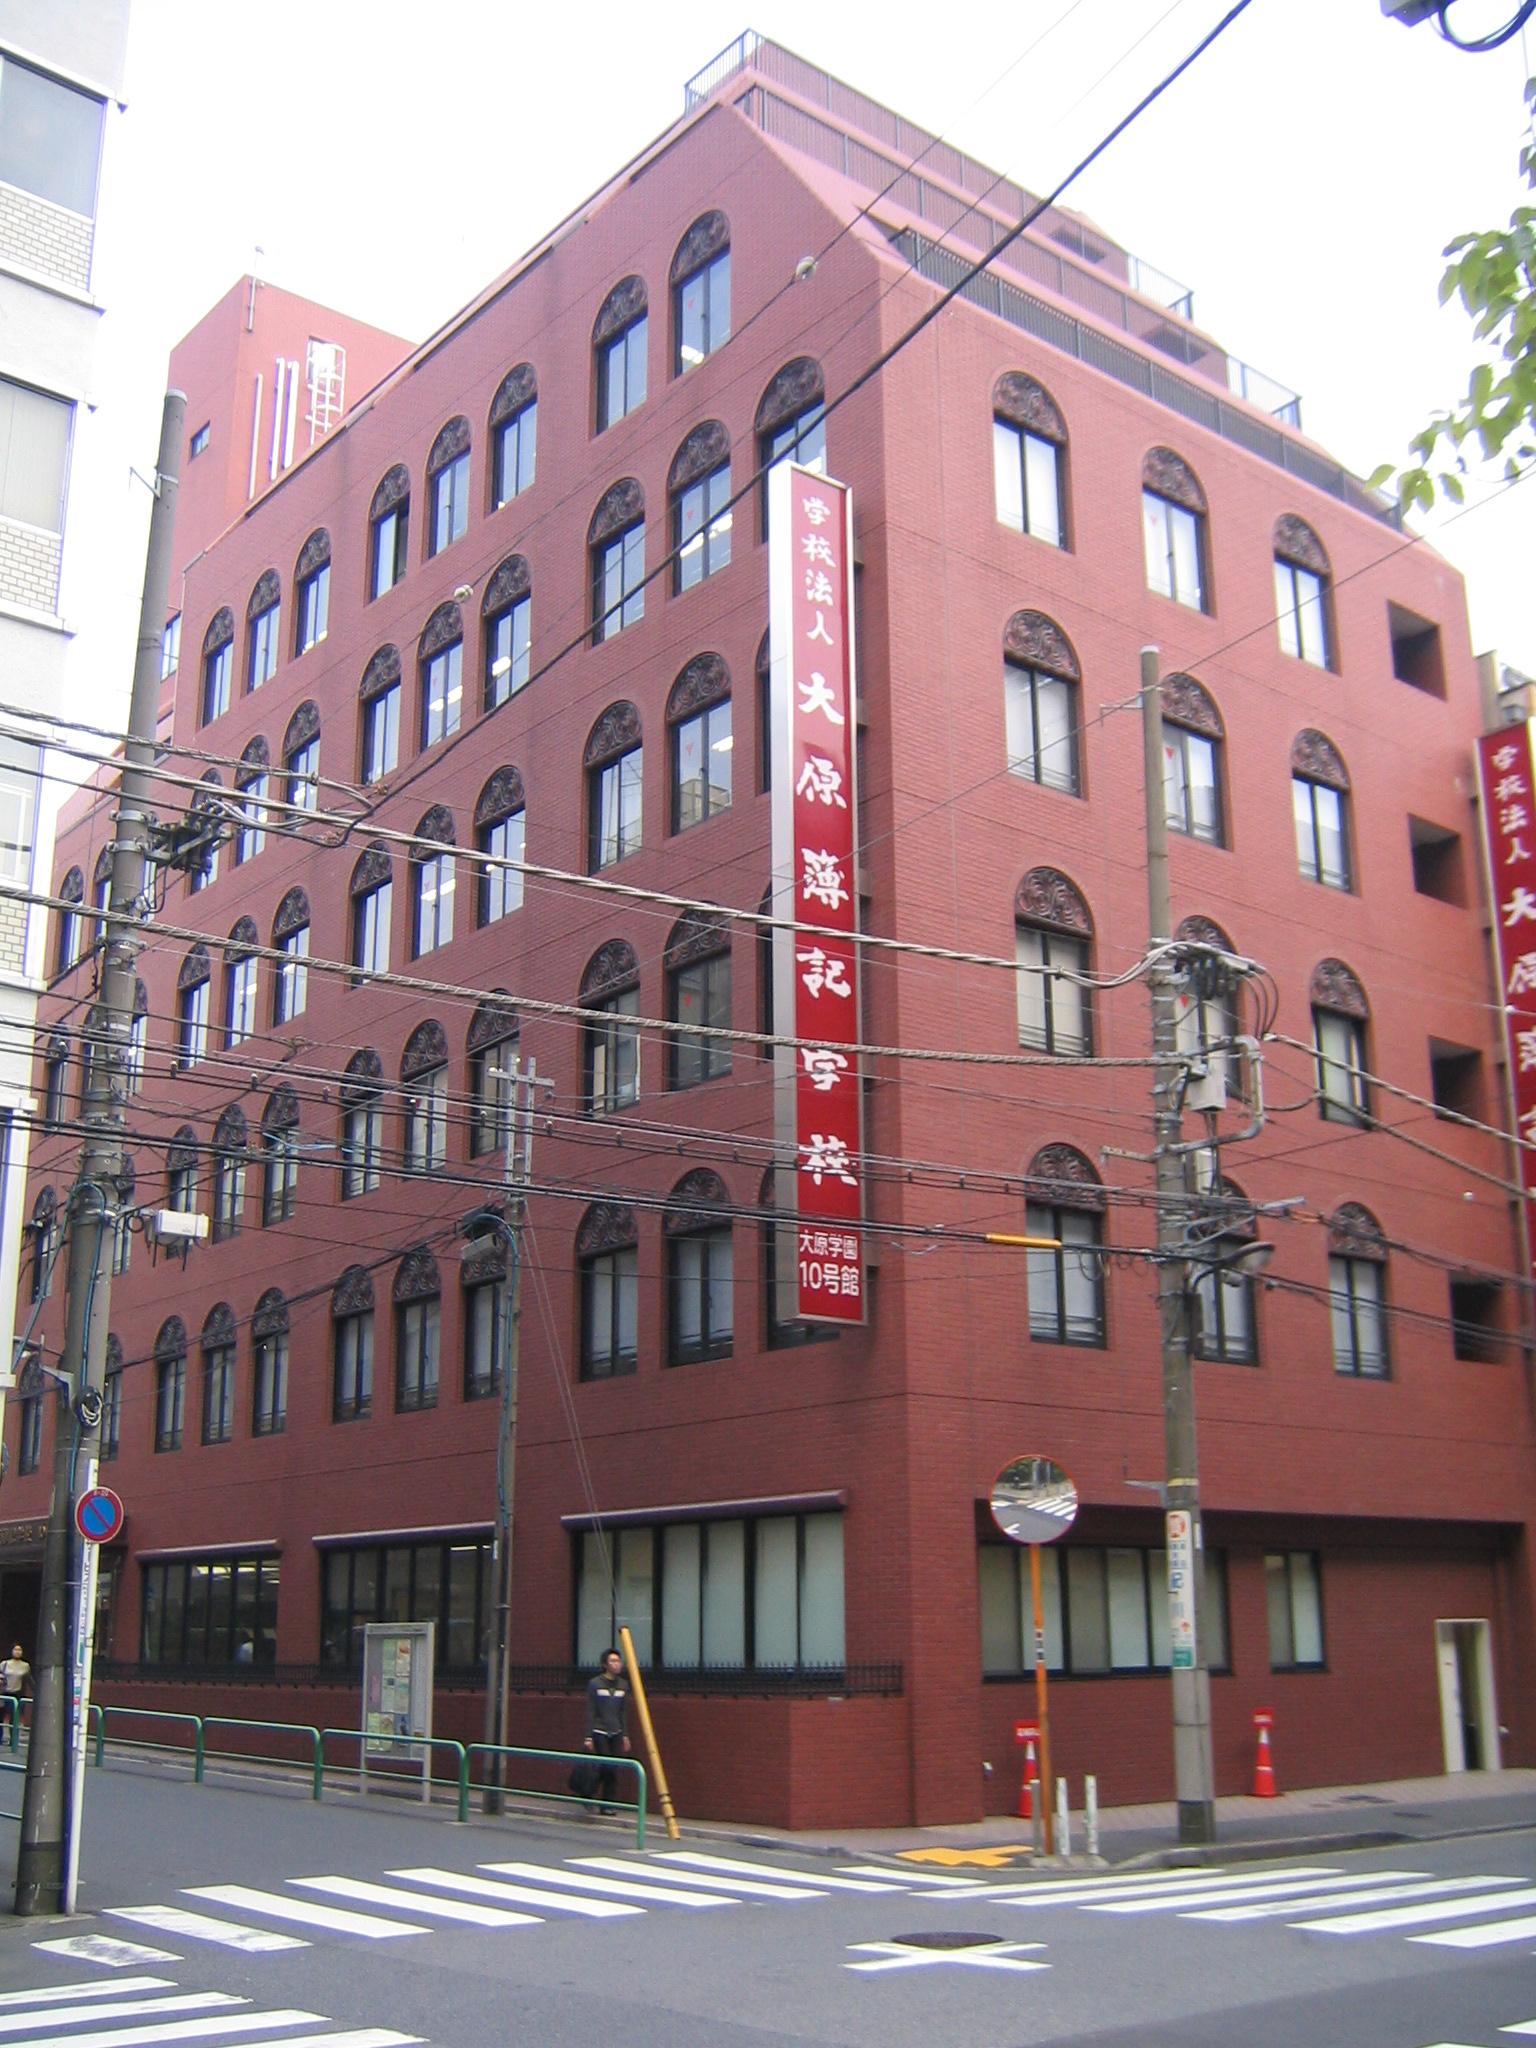 大原 学園 横浜 校